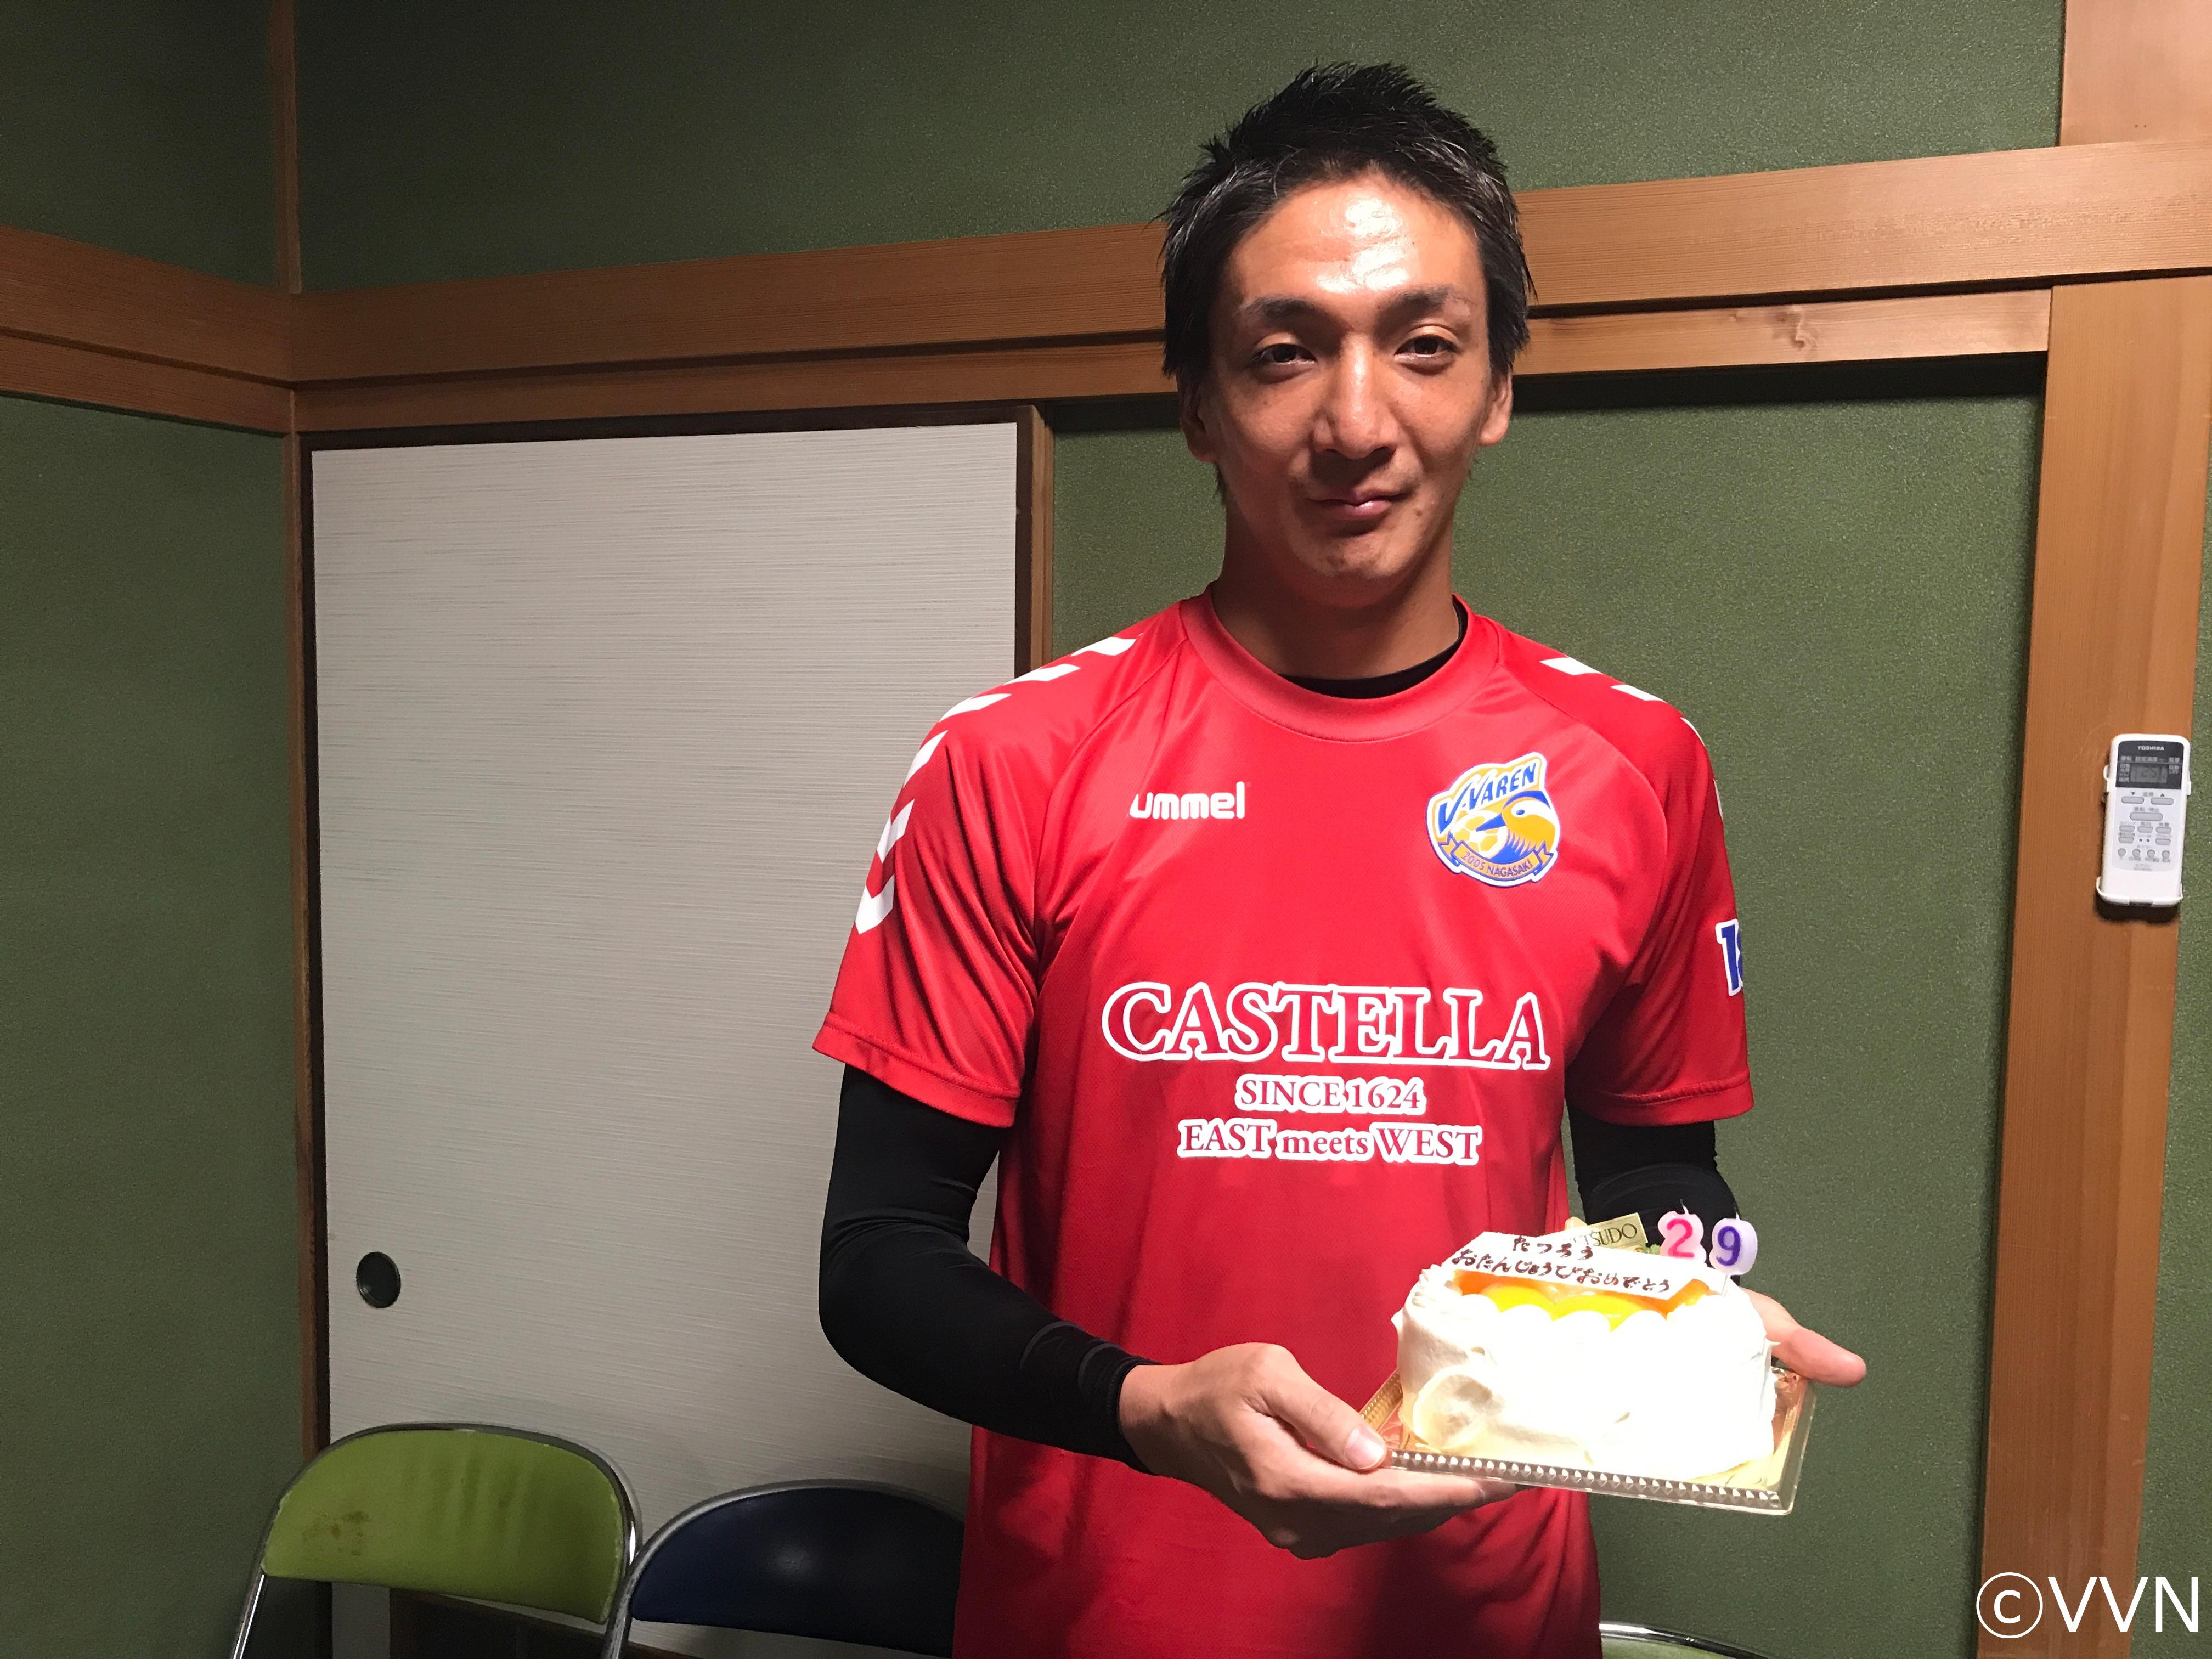 奥田達朗選手が29歳の誕生日を迎えました! サムネイル